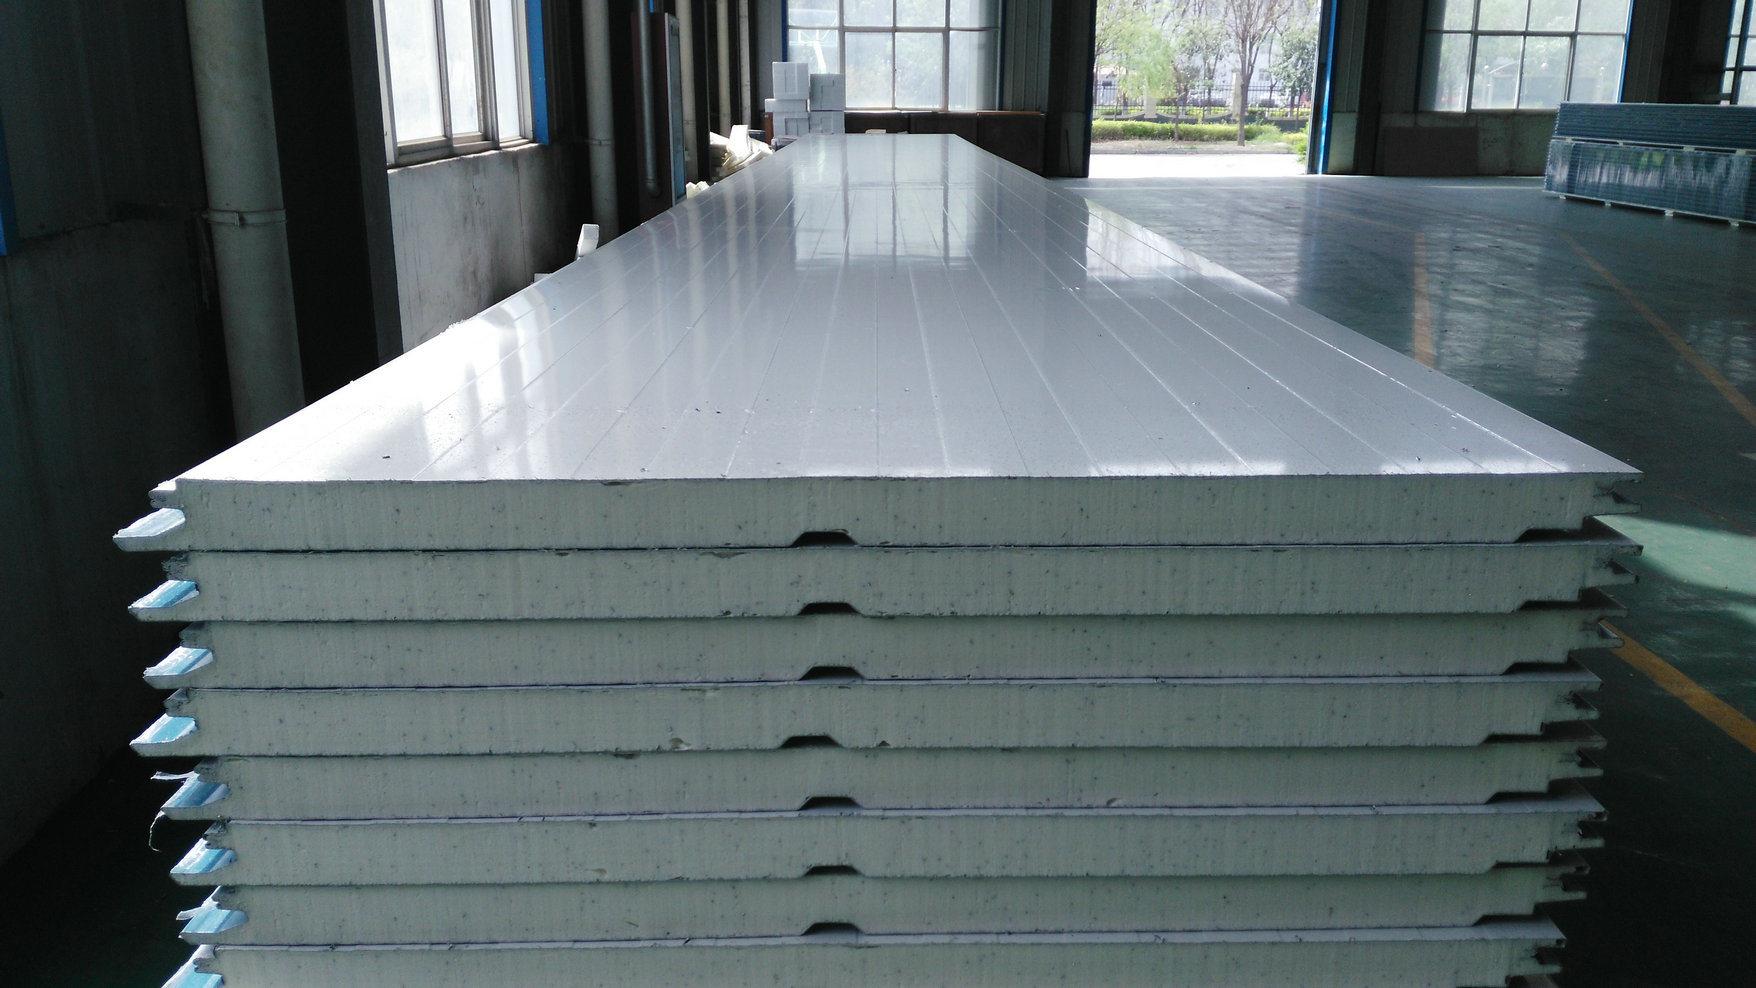 Sandwich Panel Cladding : China pu pir foaming sandwich panel cladding wall